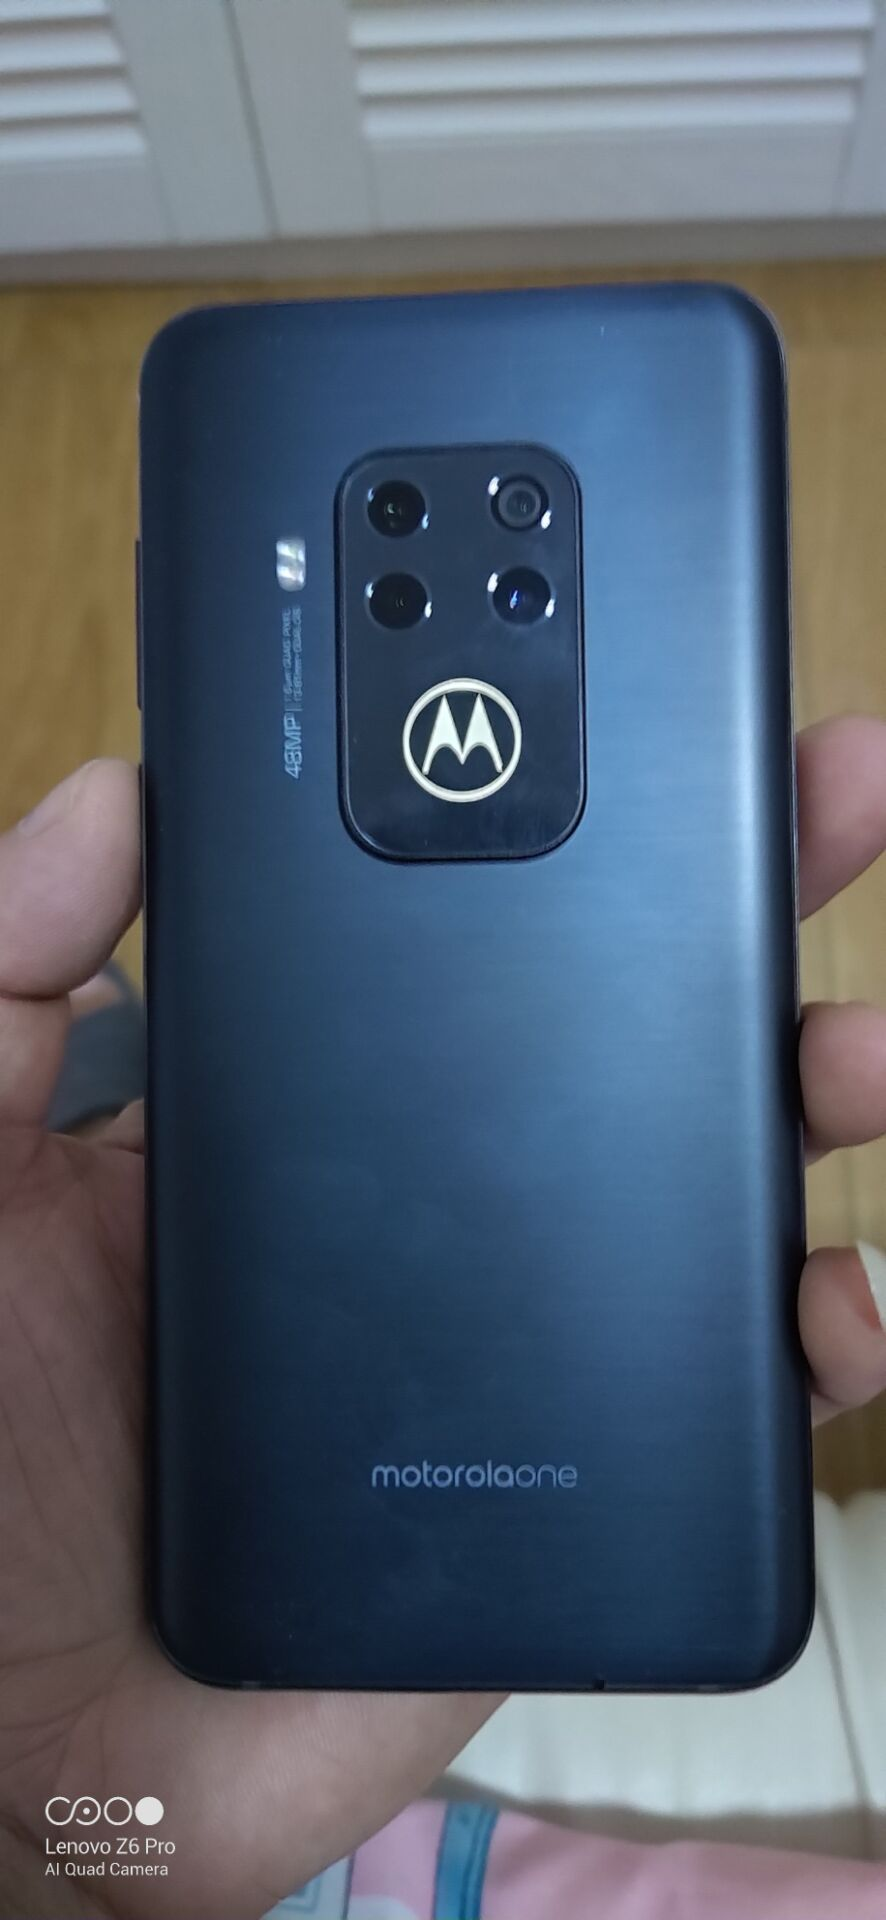 Motorola One Zoom cena zdjęcia kiedy premiera plotki przecieki wycieki specyfikacja techniczna opinie IFA 2019